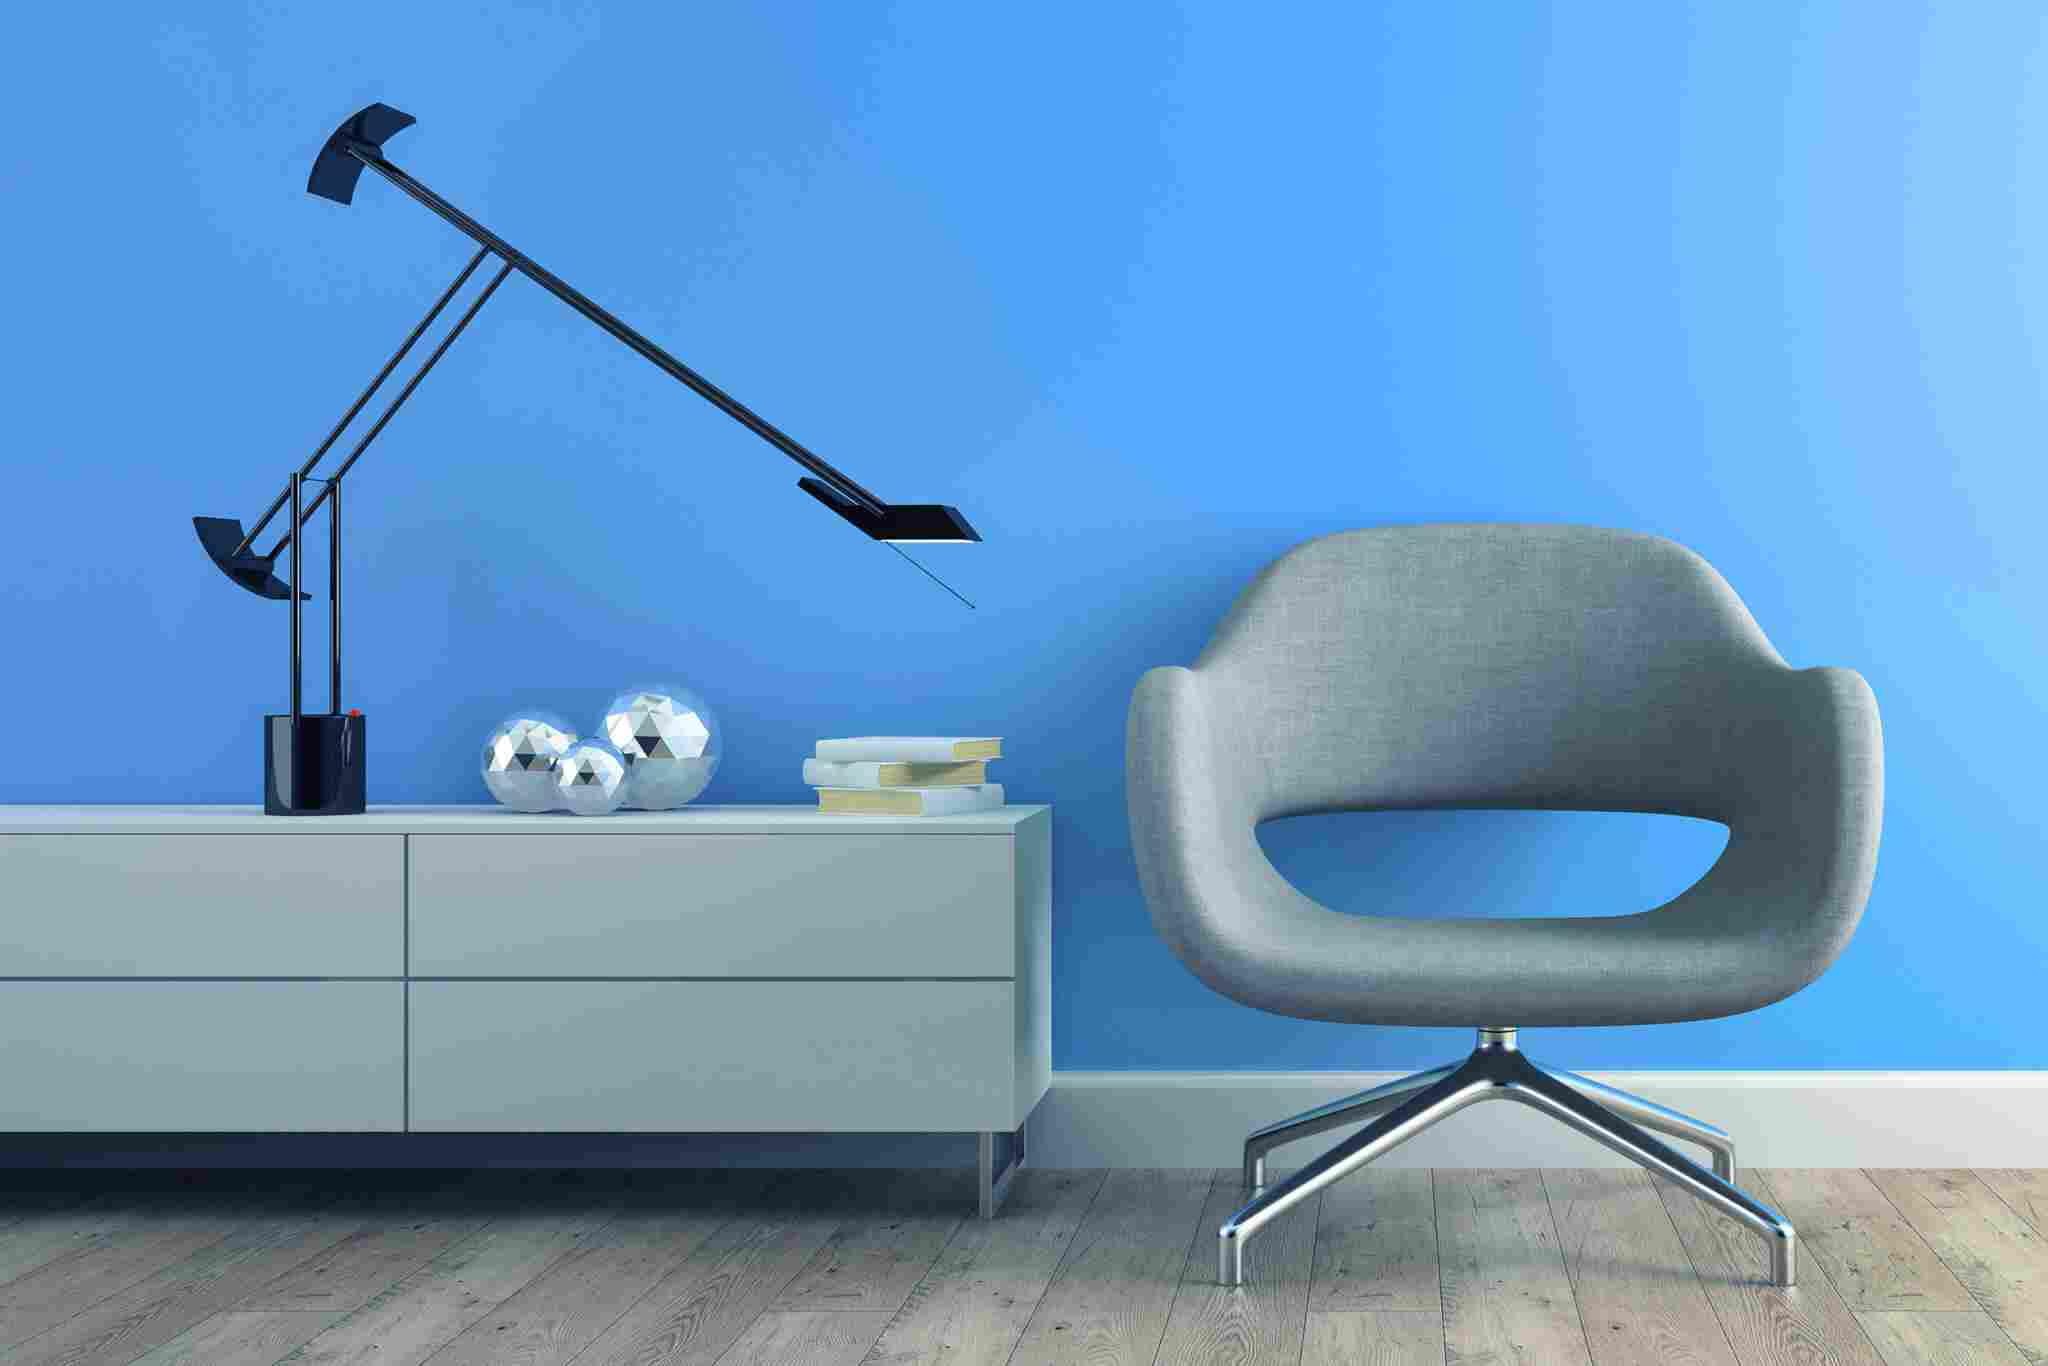 https://akldecor.com/wp-content/uploads/2017/05/image-chair-blue-wall.jpg